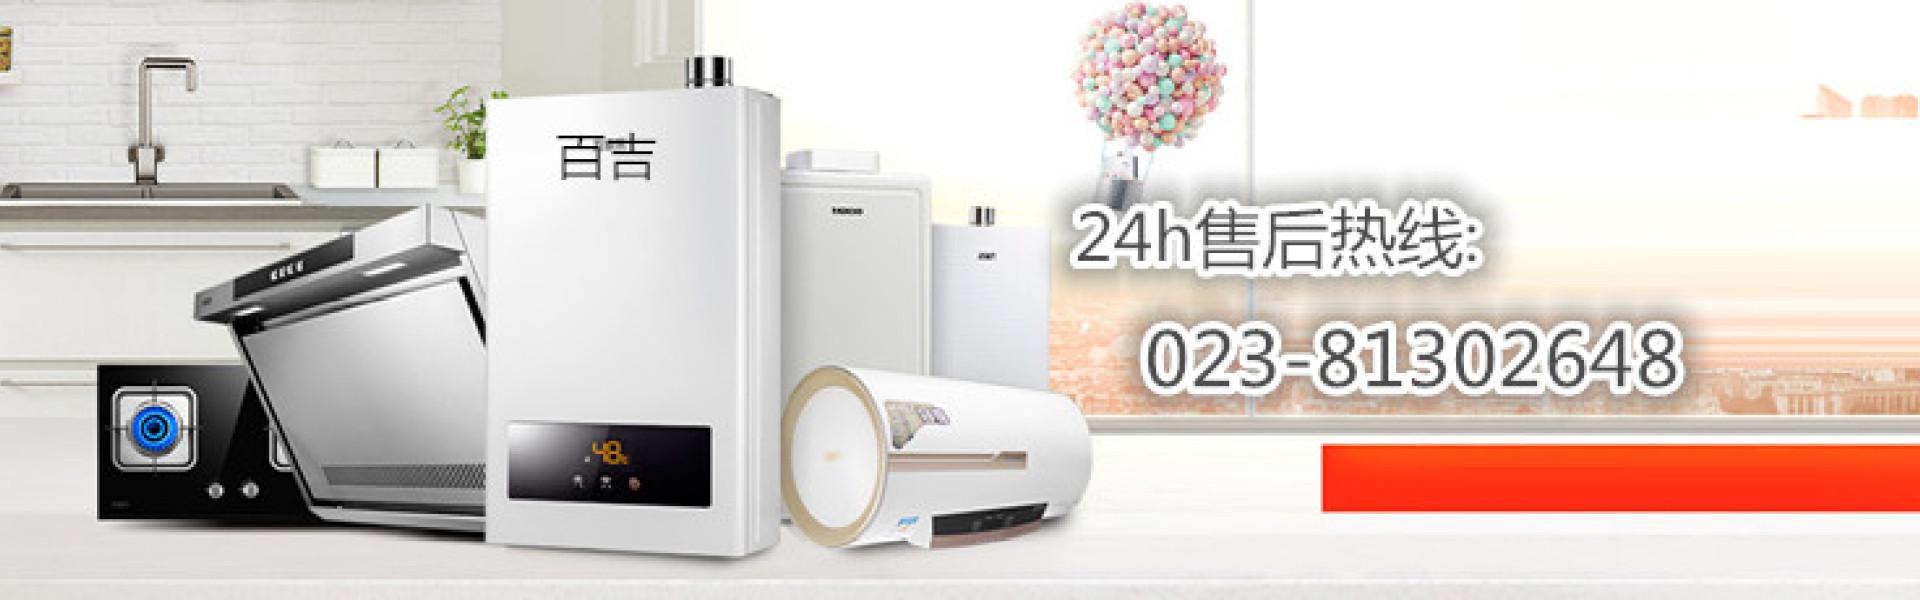 重庆百吉热水器指定维修中心